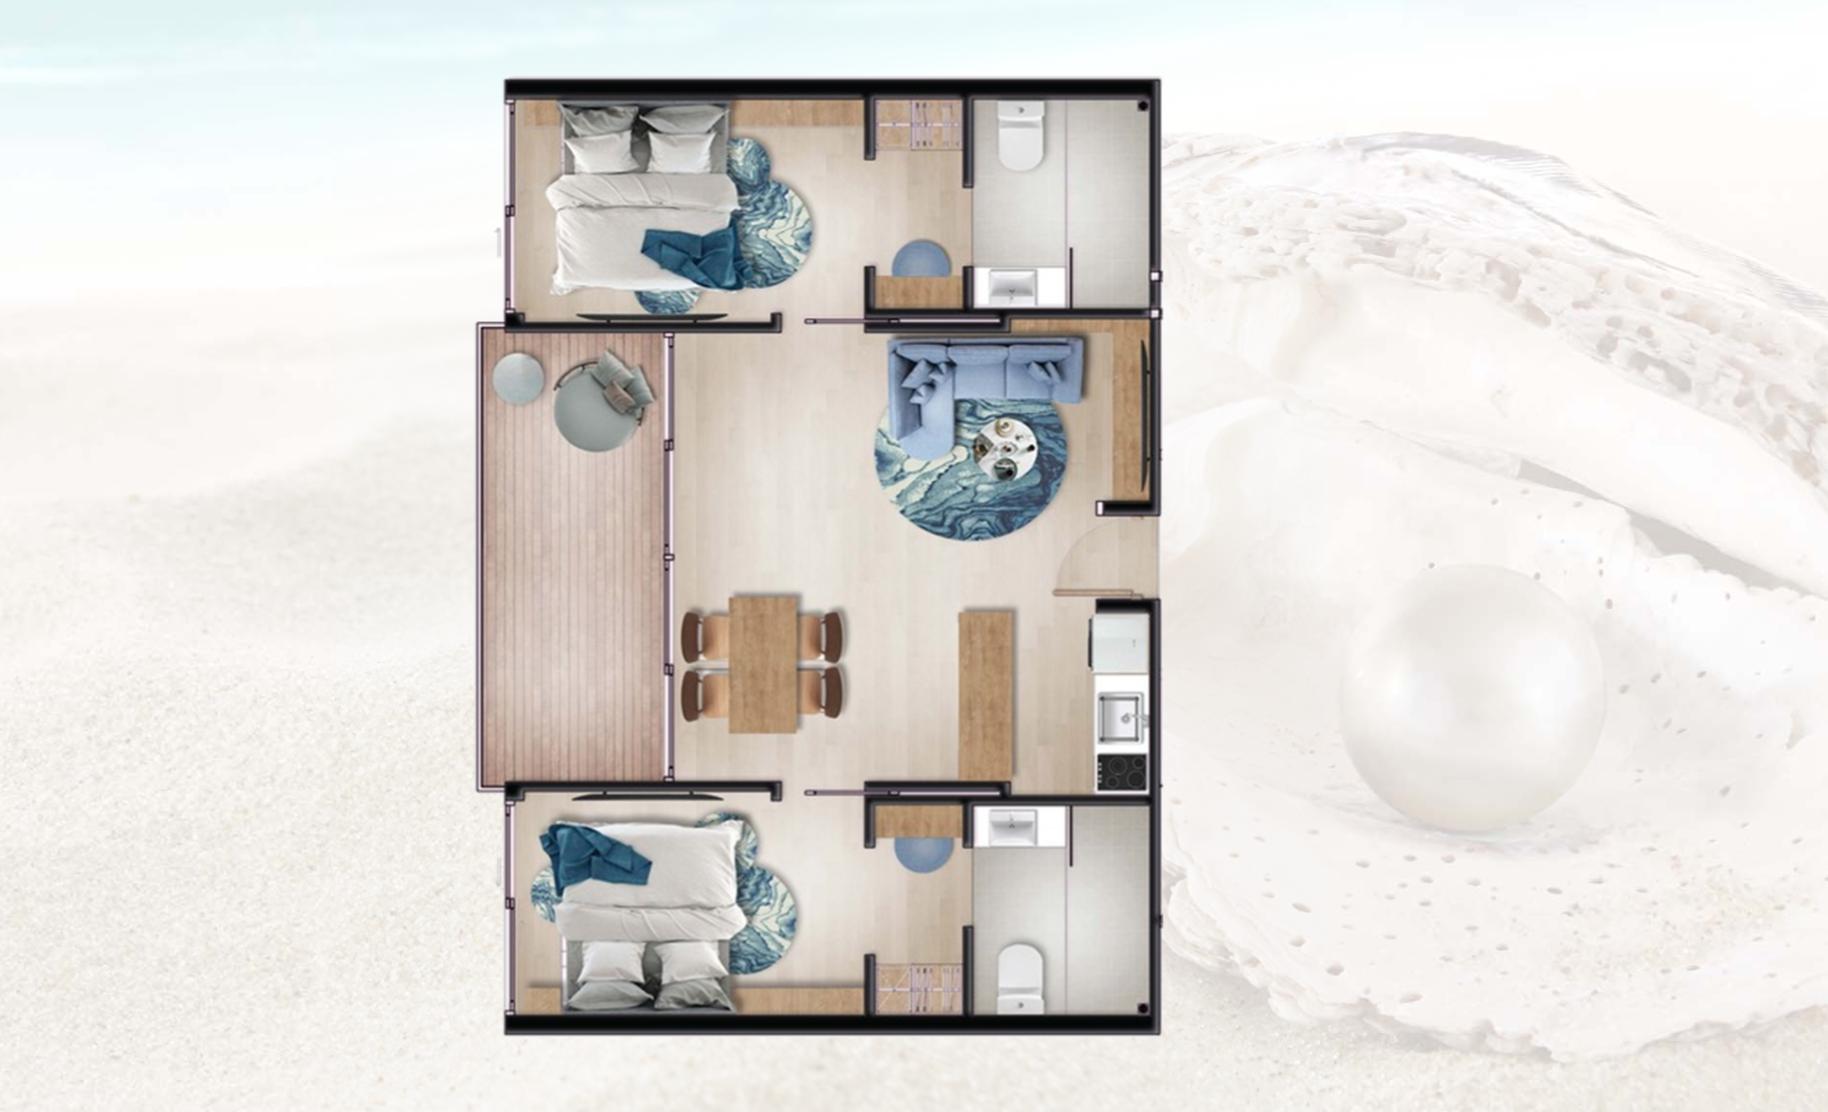 Two Bedrooms Unit Floor Plan